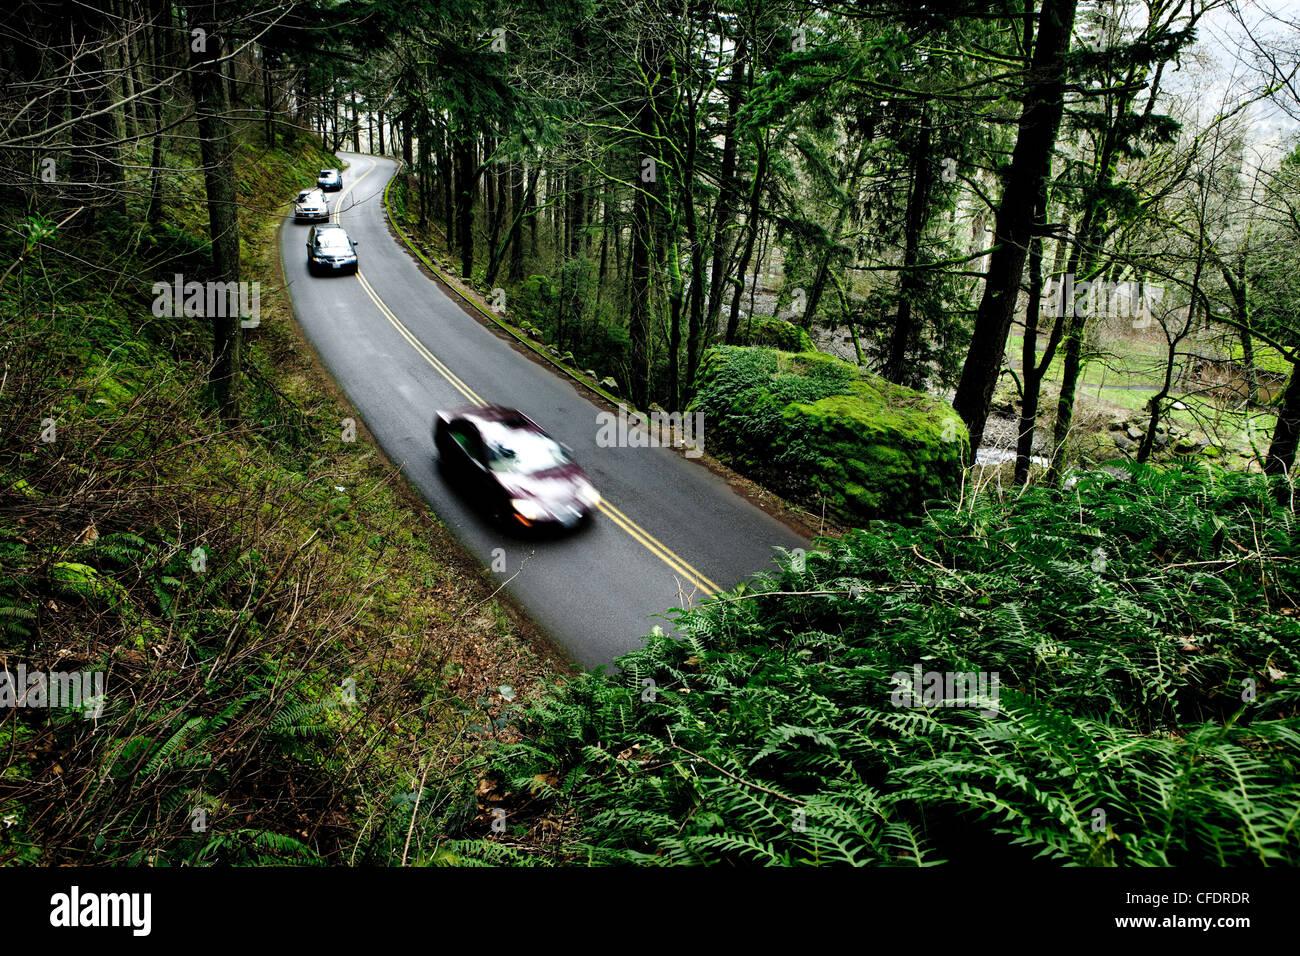 Eine Gruppe von Autos in Richtung zu einer Touristenattraktion. Stockbild